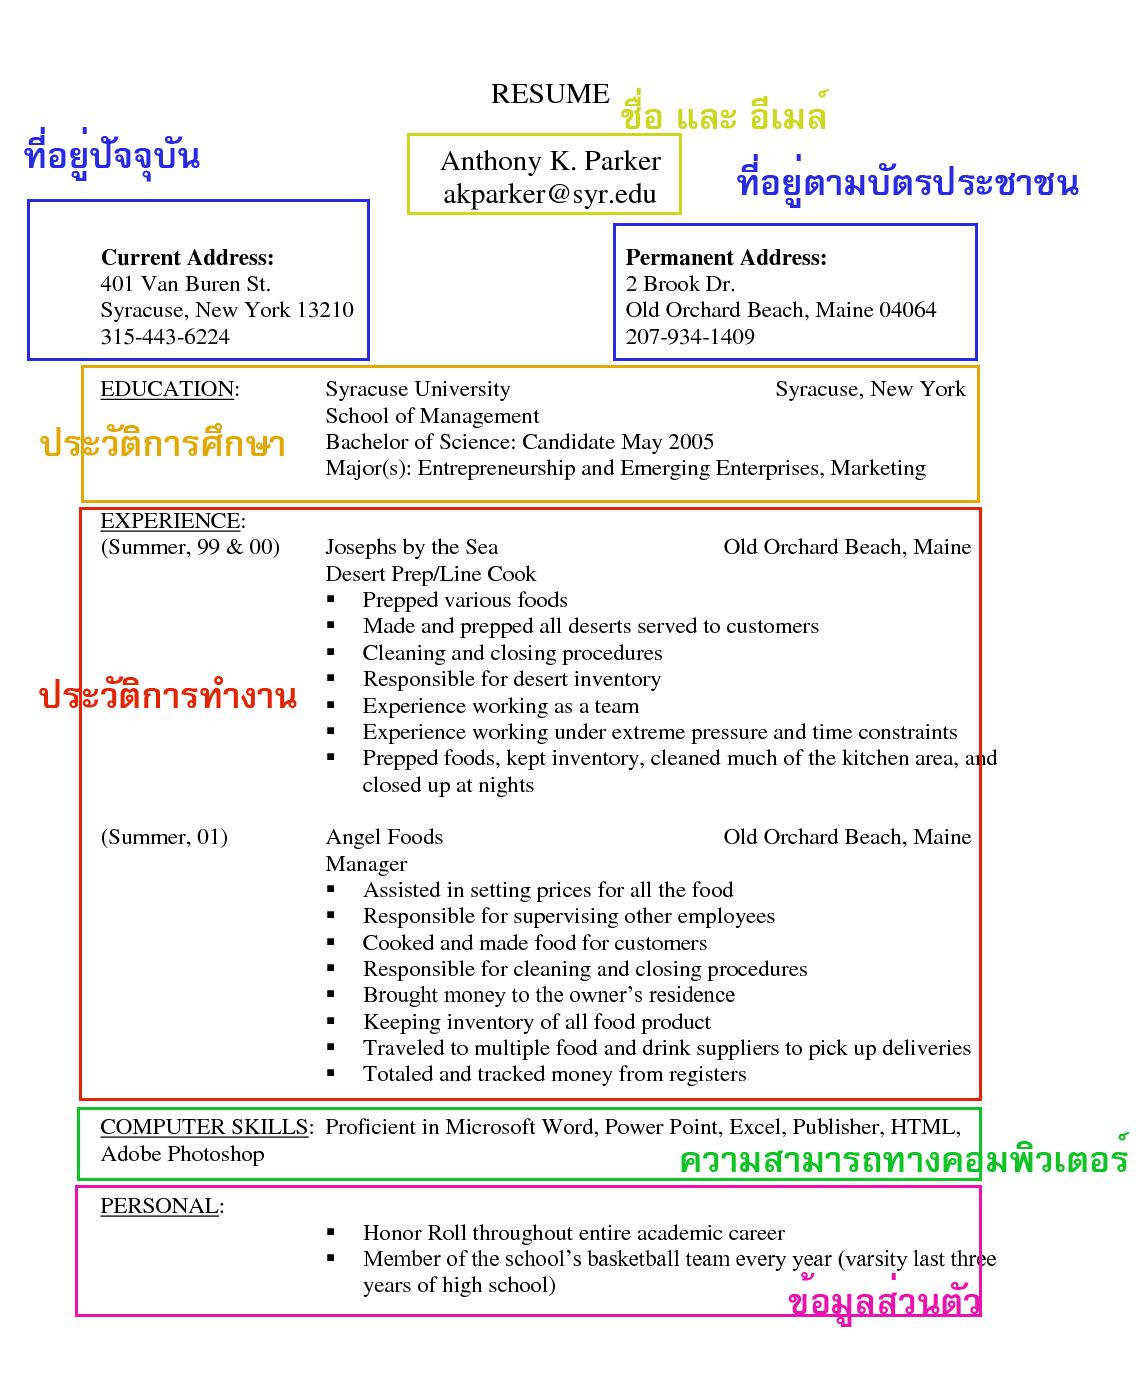 resume ภาษาอังกฤษ